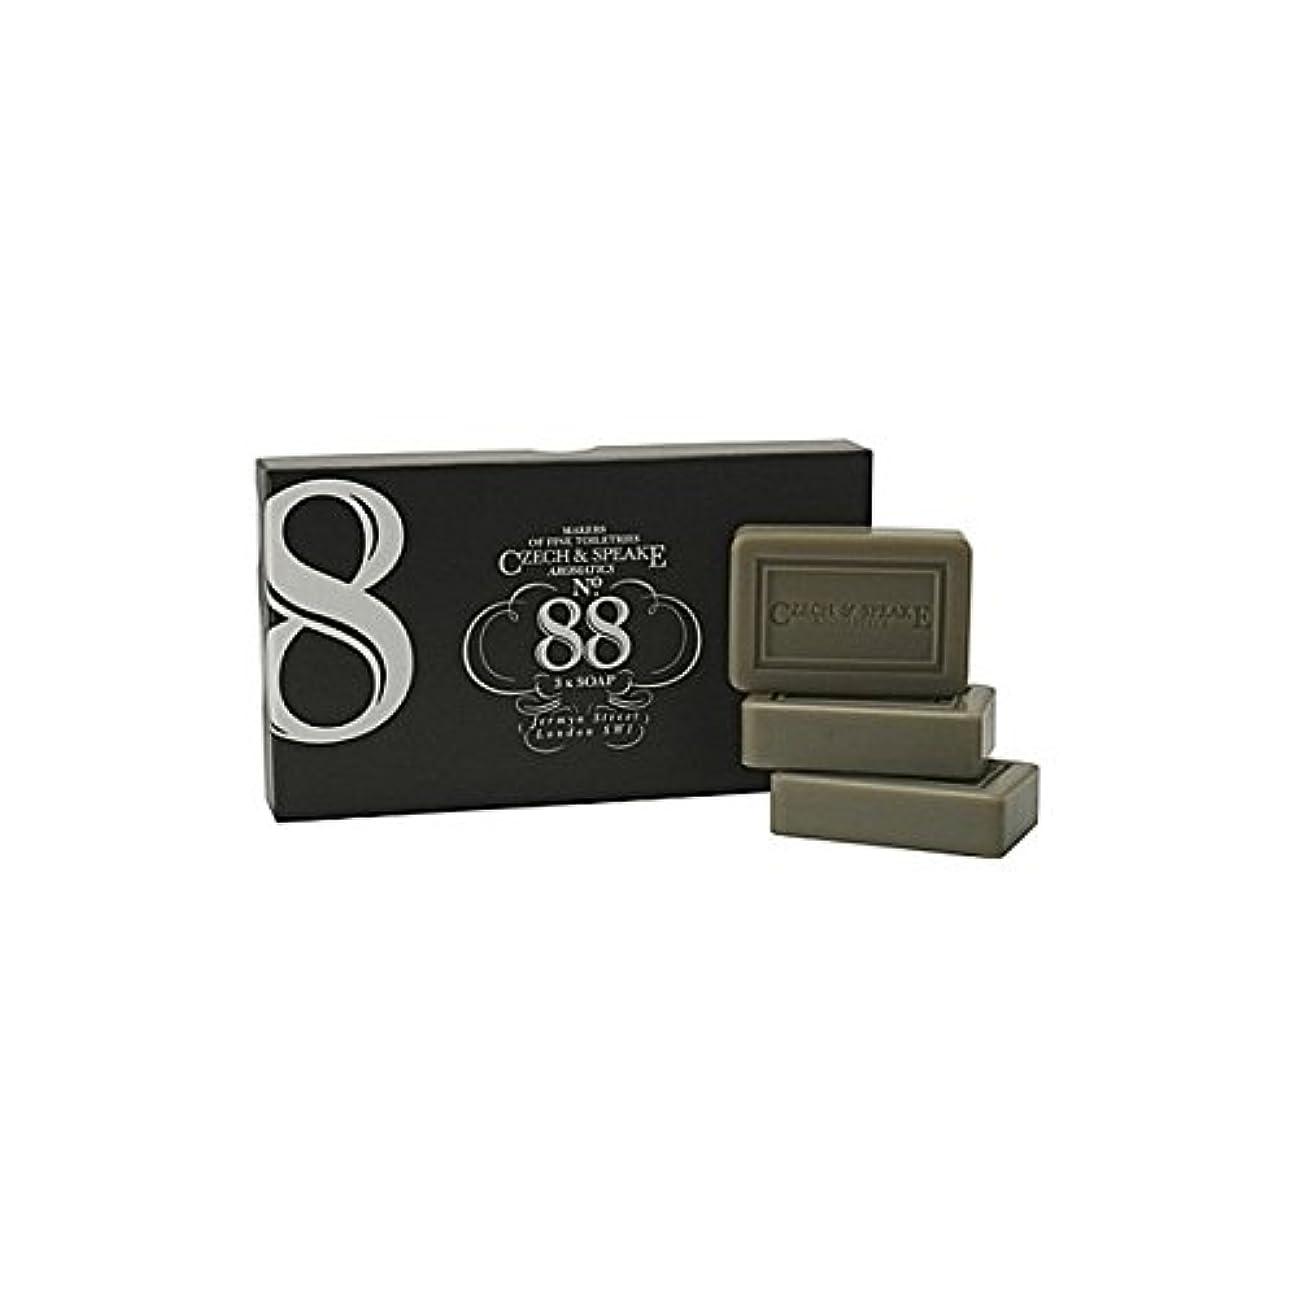 コミュニケーション達成不機嫌チェコ&スピーク.88ソープセット x2 - Czech & Speake No.88 Soap Set (Pack of 2) [並行輸入品]